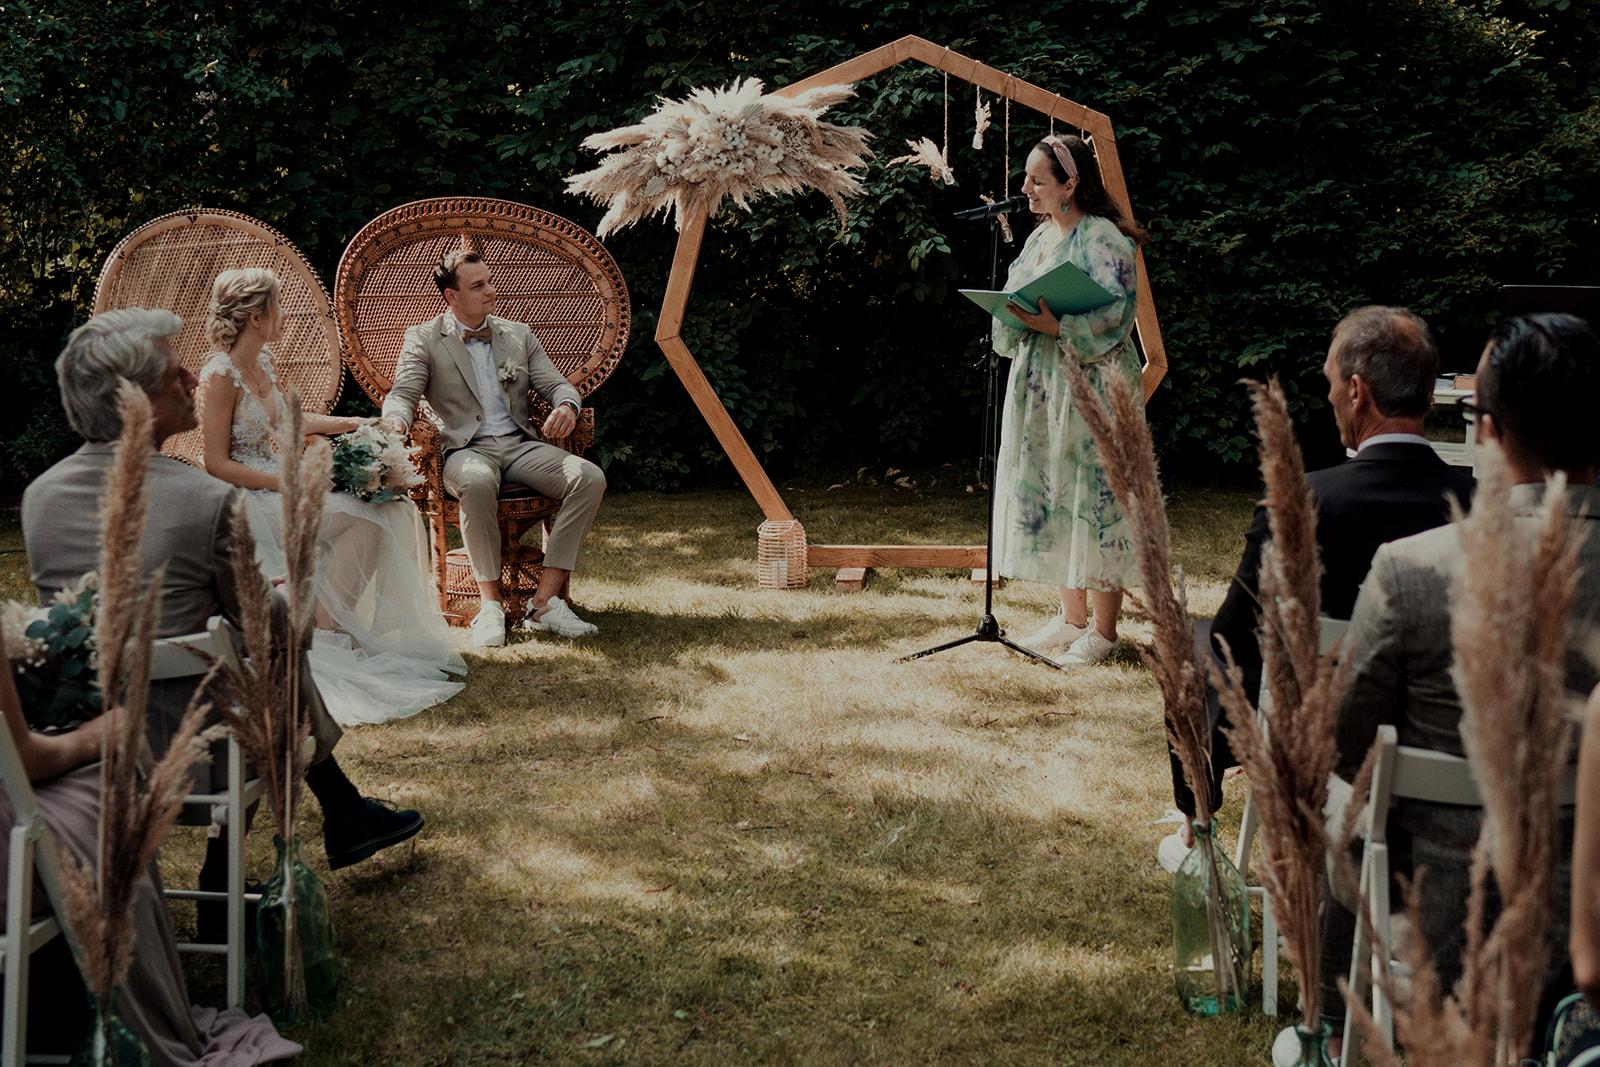 Hochzeitsblog I Freie Trauung I Trauzucker I Instabräute I Freie Traurednerin I Hochzeit I Bride to be I Hamburg